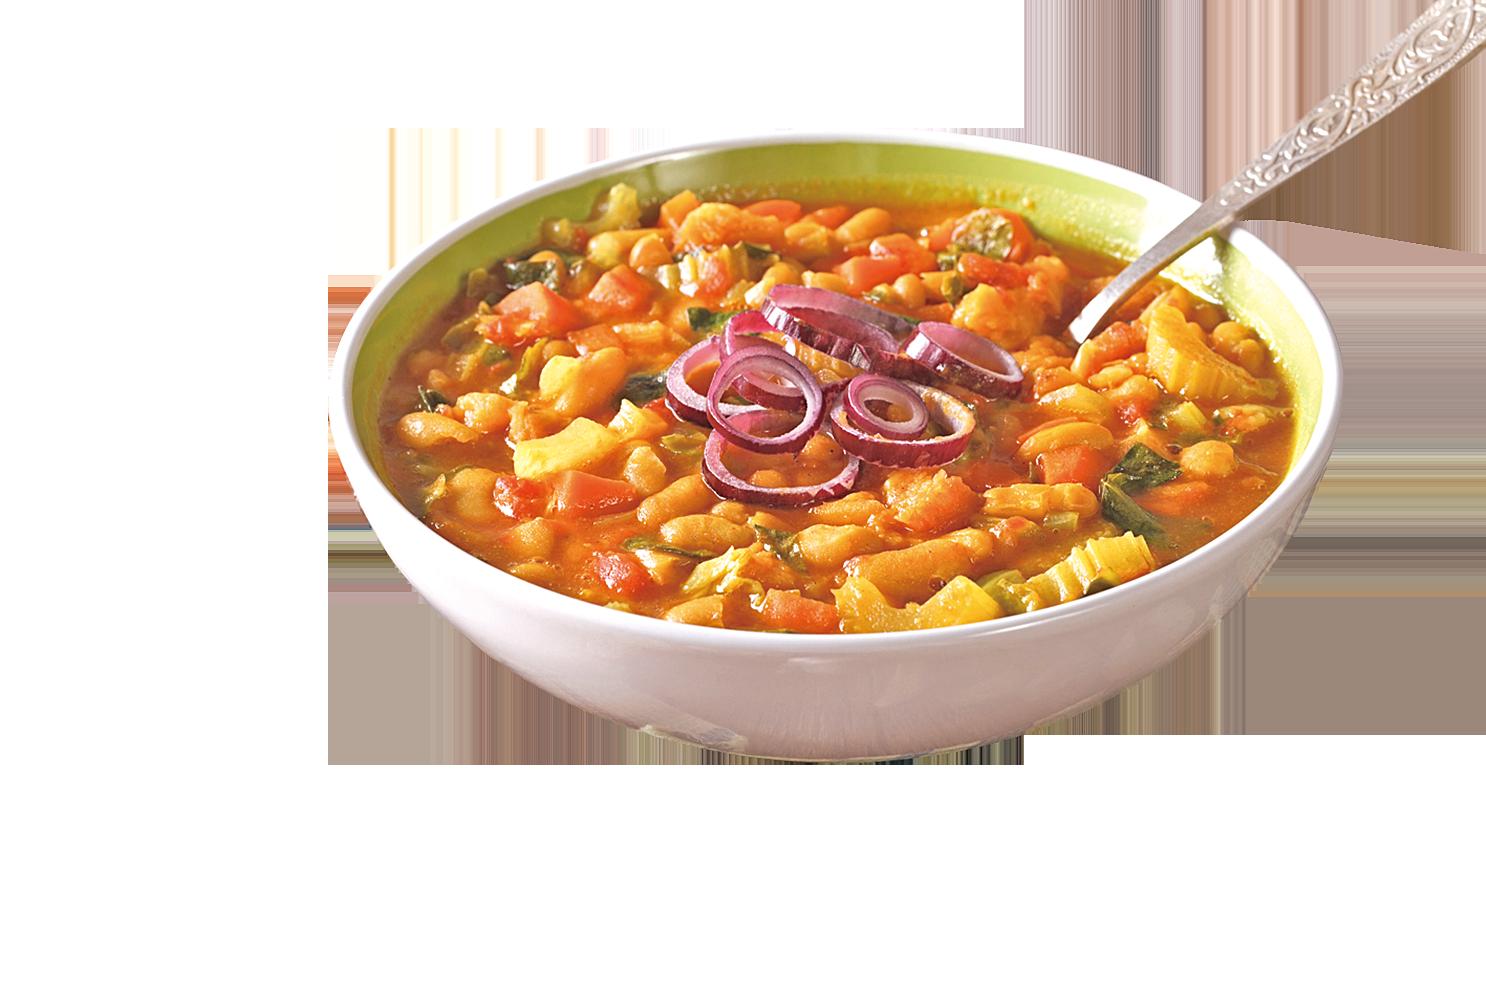 托斯卡尼蔬菜湯(Ribollita)原本是一道農家菜。